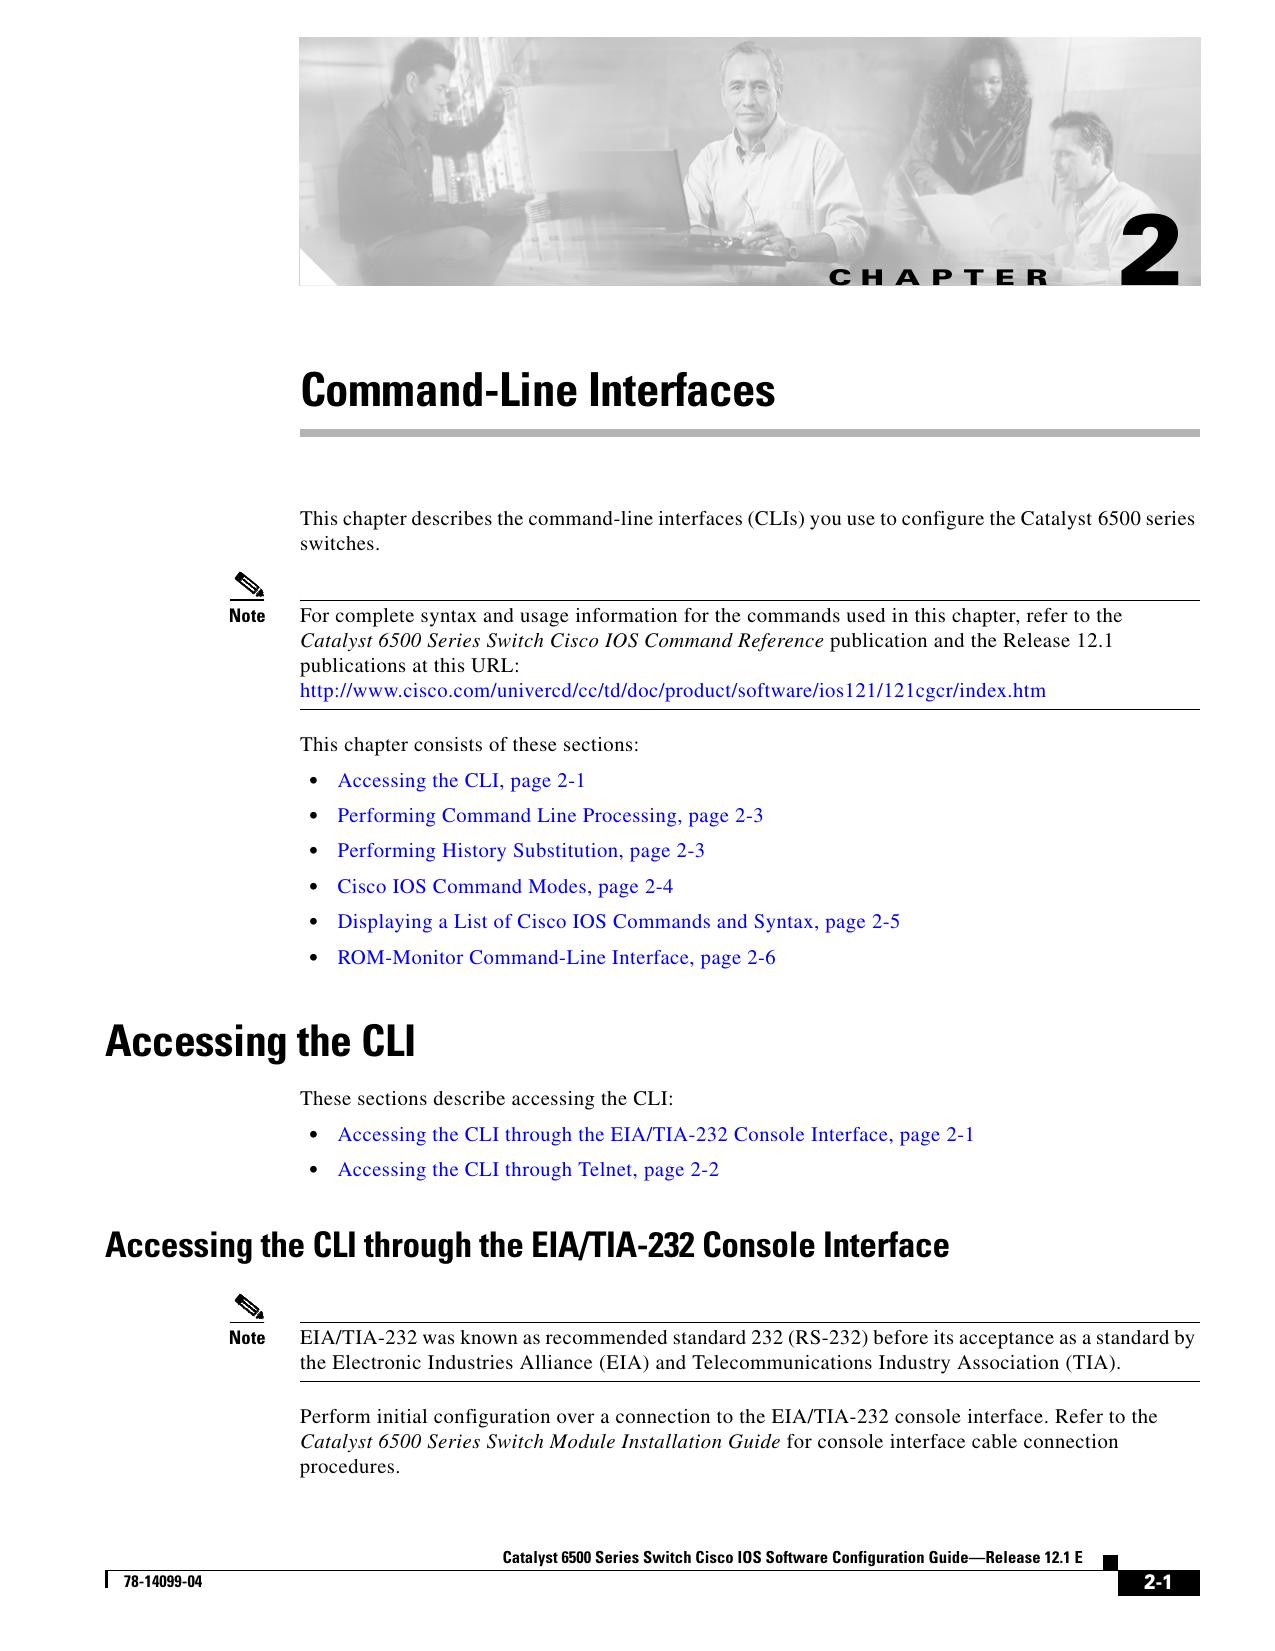 Command-Line Interfaces | manualzz com